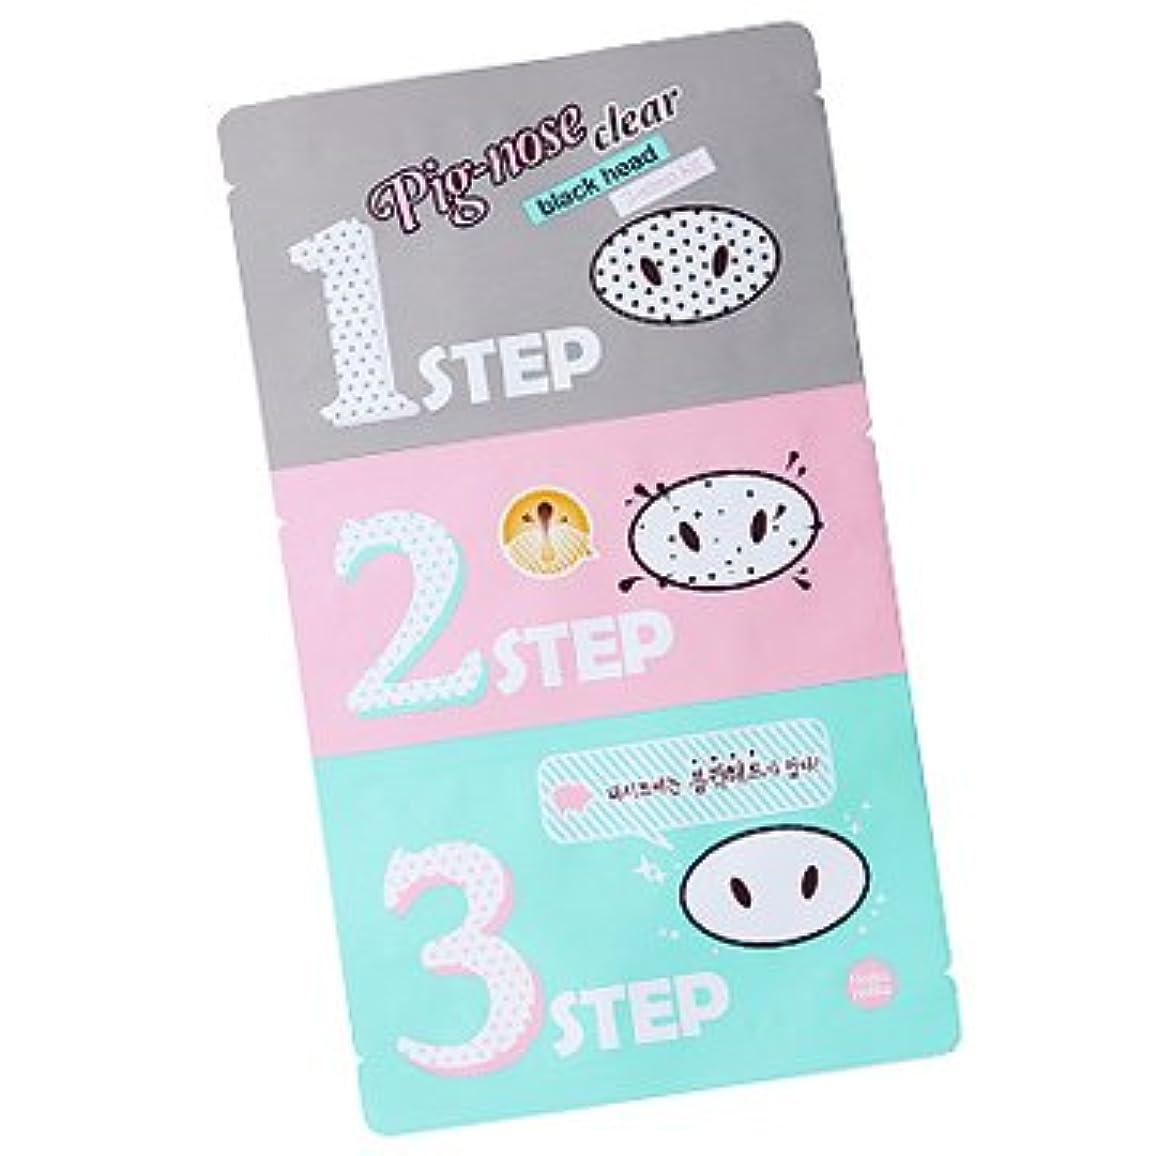 貧しい麻痺黒人Holika Holika Pig Nose Clear Black Head 3-Step Kit 10EA (Nose Pack) ホリカホリカ ピグノーズクリアブラックヘッド3-Stepキット(鼻パック) 10pcs...